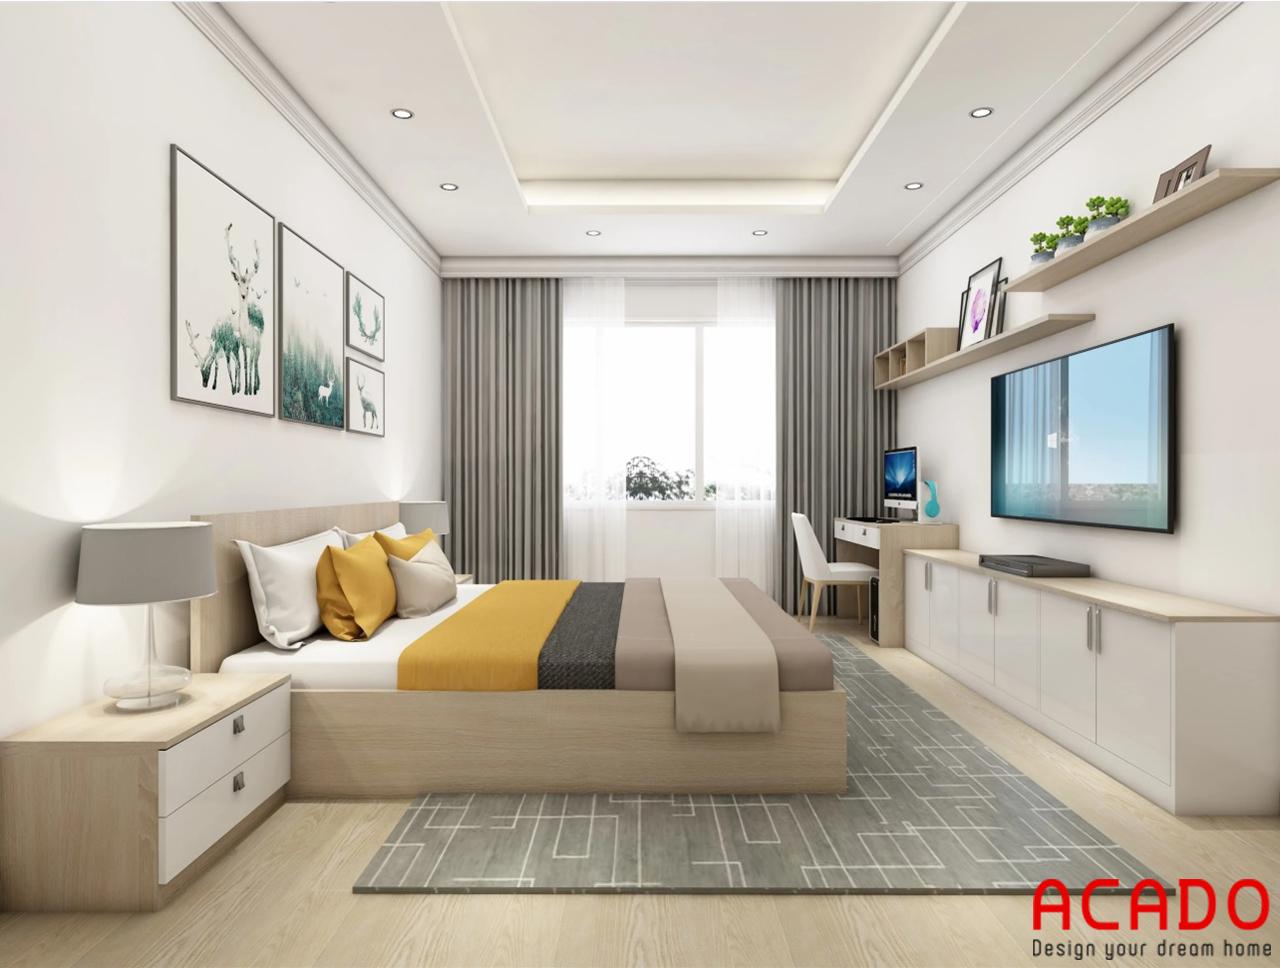 Phòng ngủ được làm từ chất liệu gỗ công nghiệp hiện đại và trẻ trung